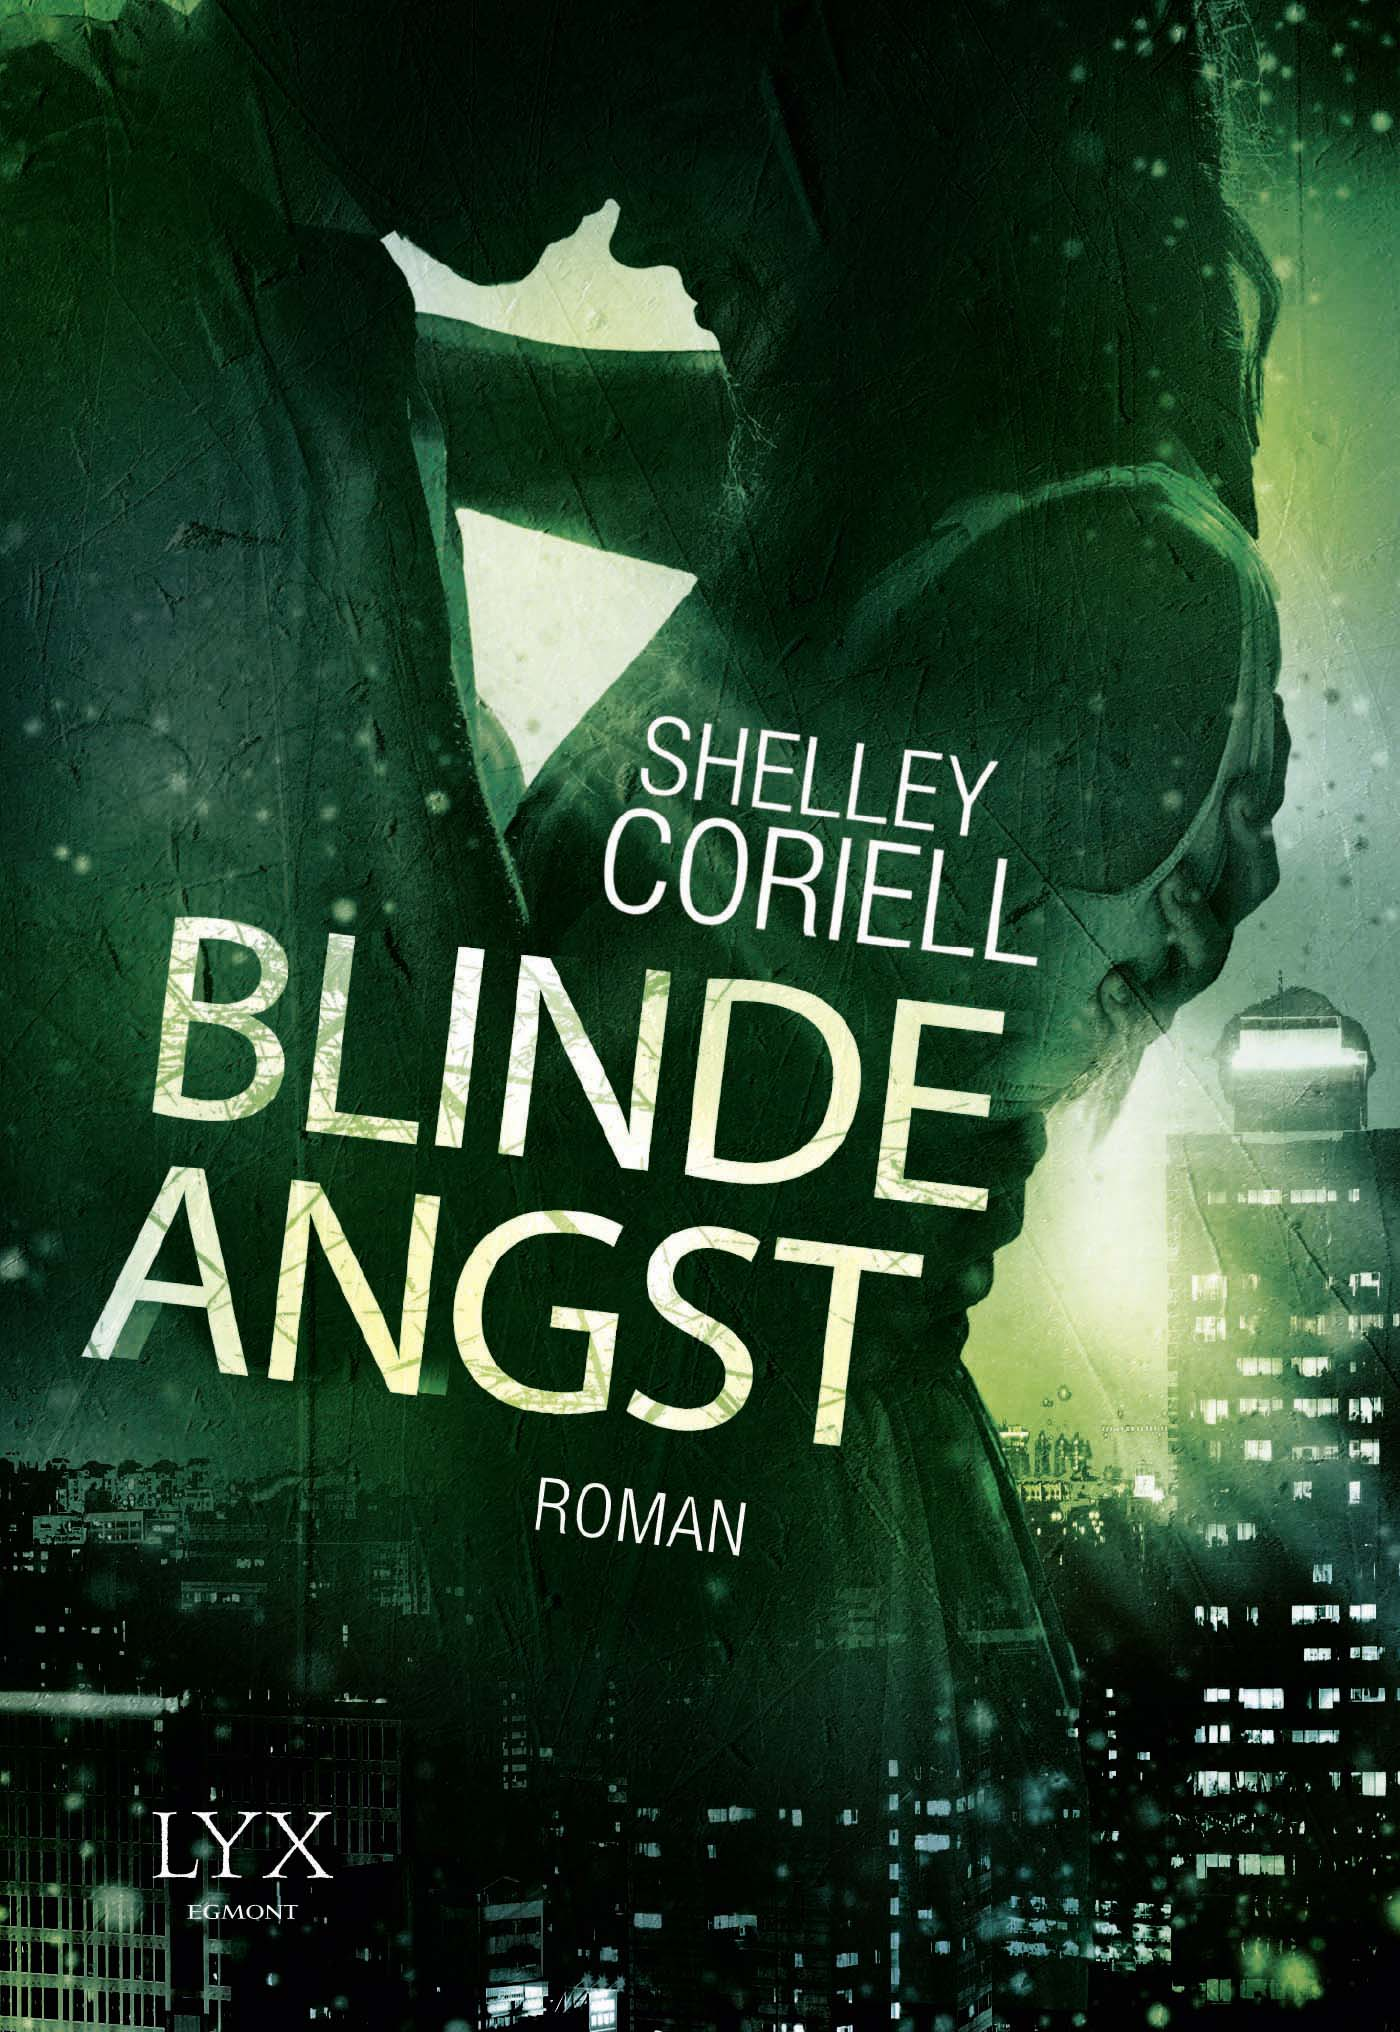 Blinde Angst (Die Apostel #2), eine romantische suspense novel von Shelley Coriell (Autor) und Martina M. Oepping (Übersetzer), Verlag von Egmont LYX.